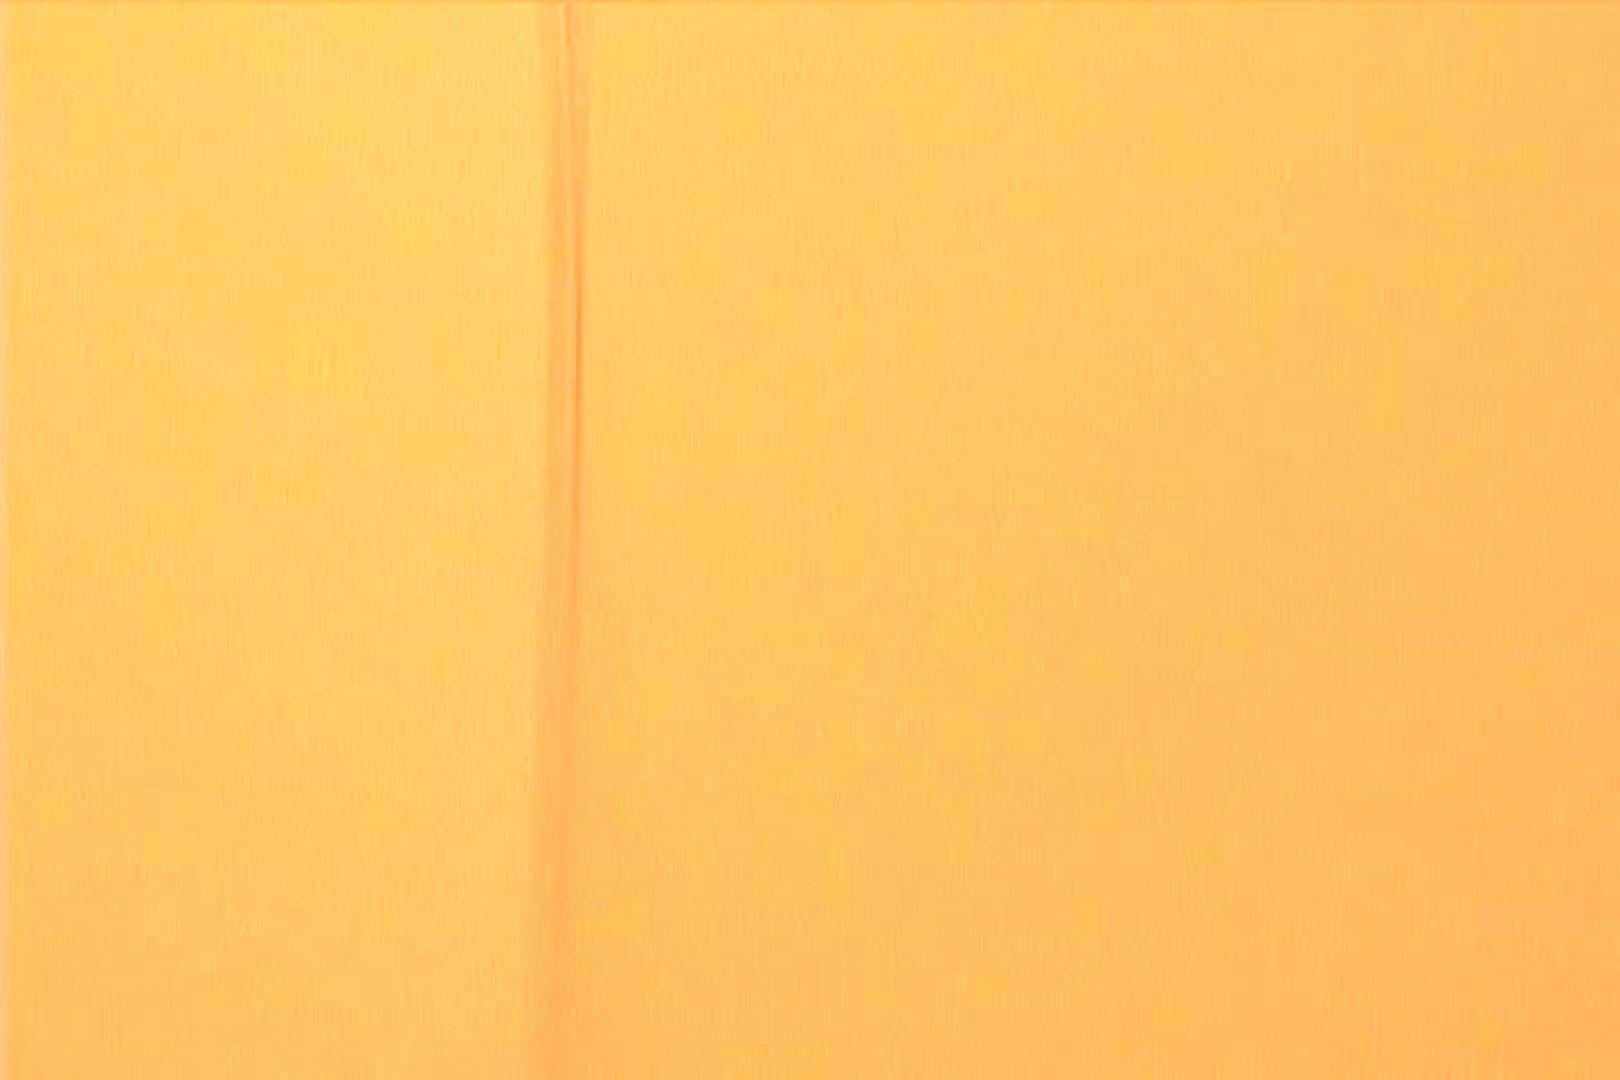 マンコ丸見え女子洗面所Vol.28 丸見え オメコ動画キャプチャ 78pic 57